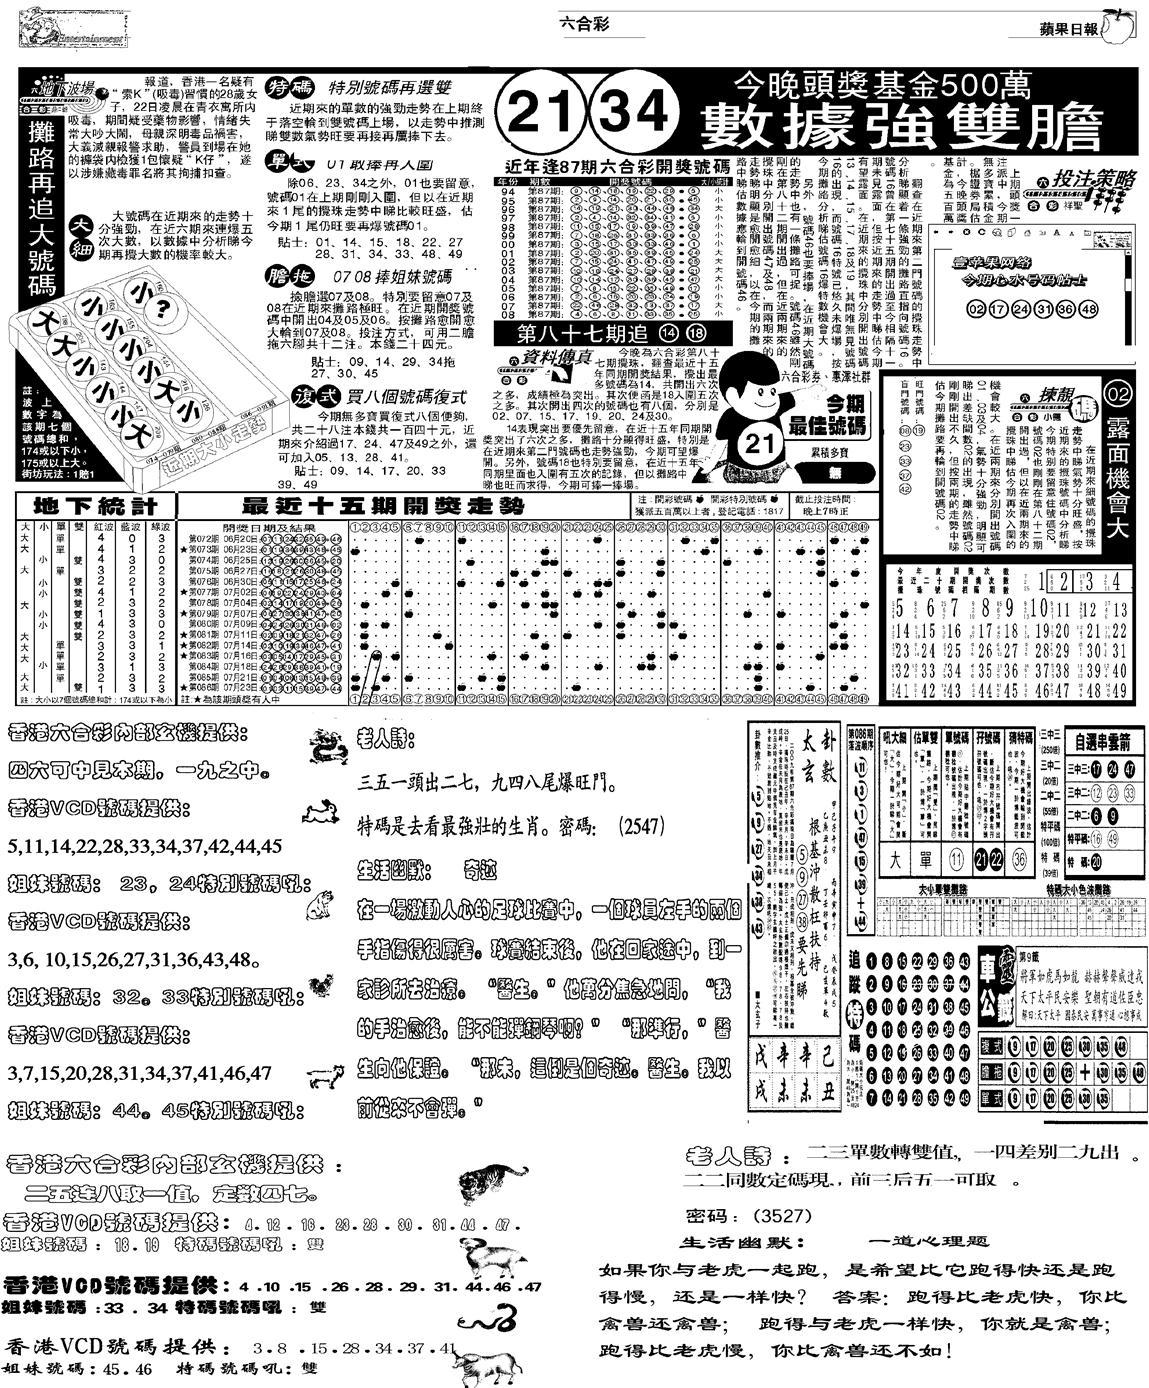 087期当日报-5(黑白)